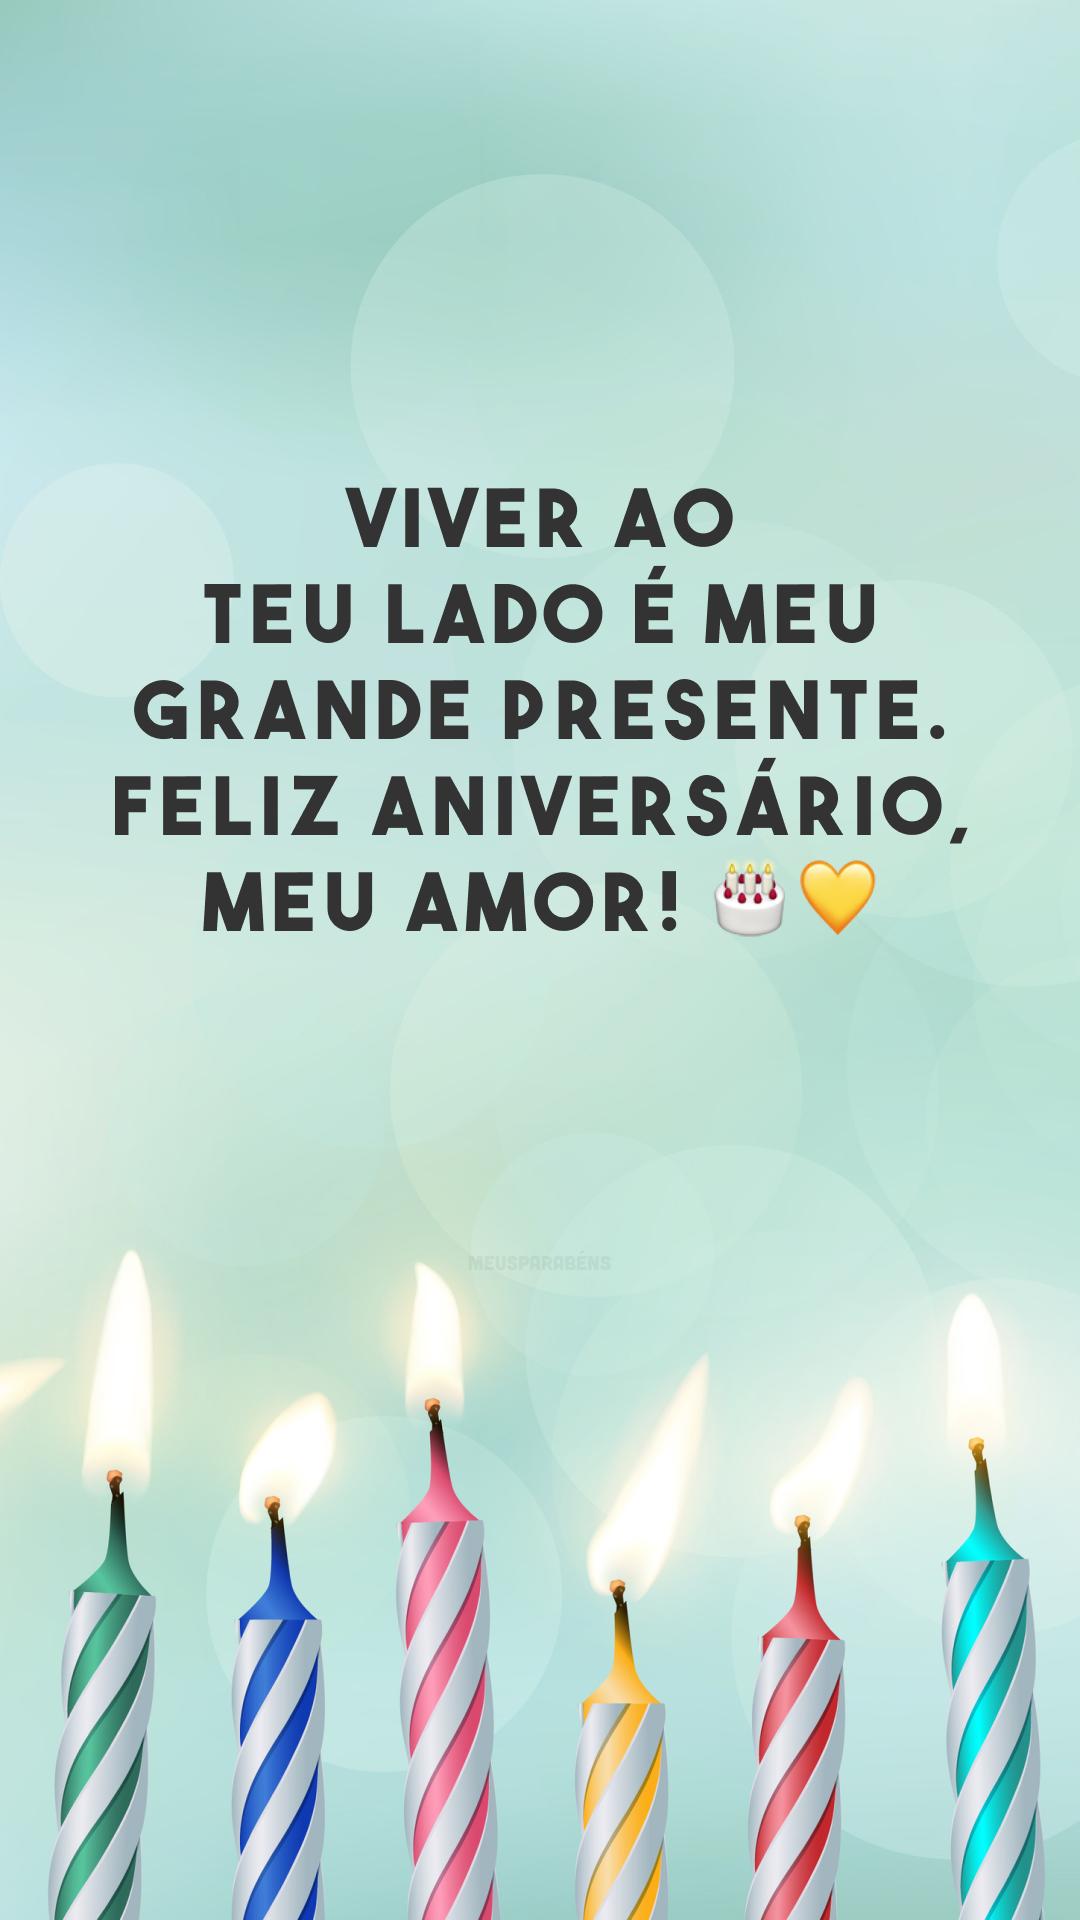 Viver ao teu lado é meu grande presente. Feliz aniversário, meu amor! 🎂💛